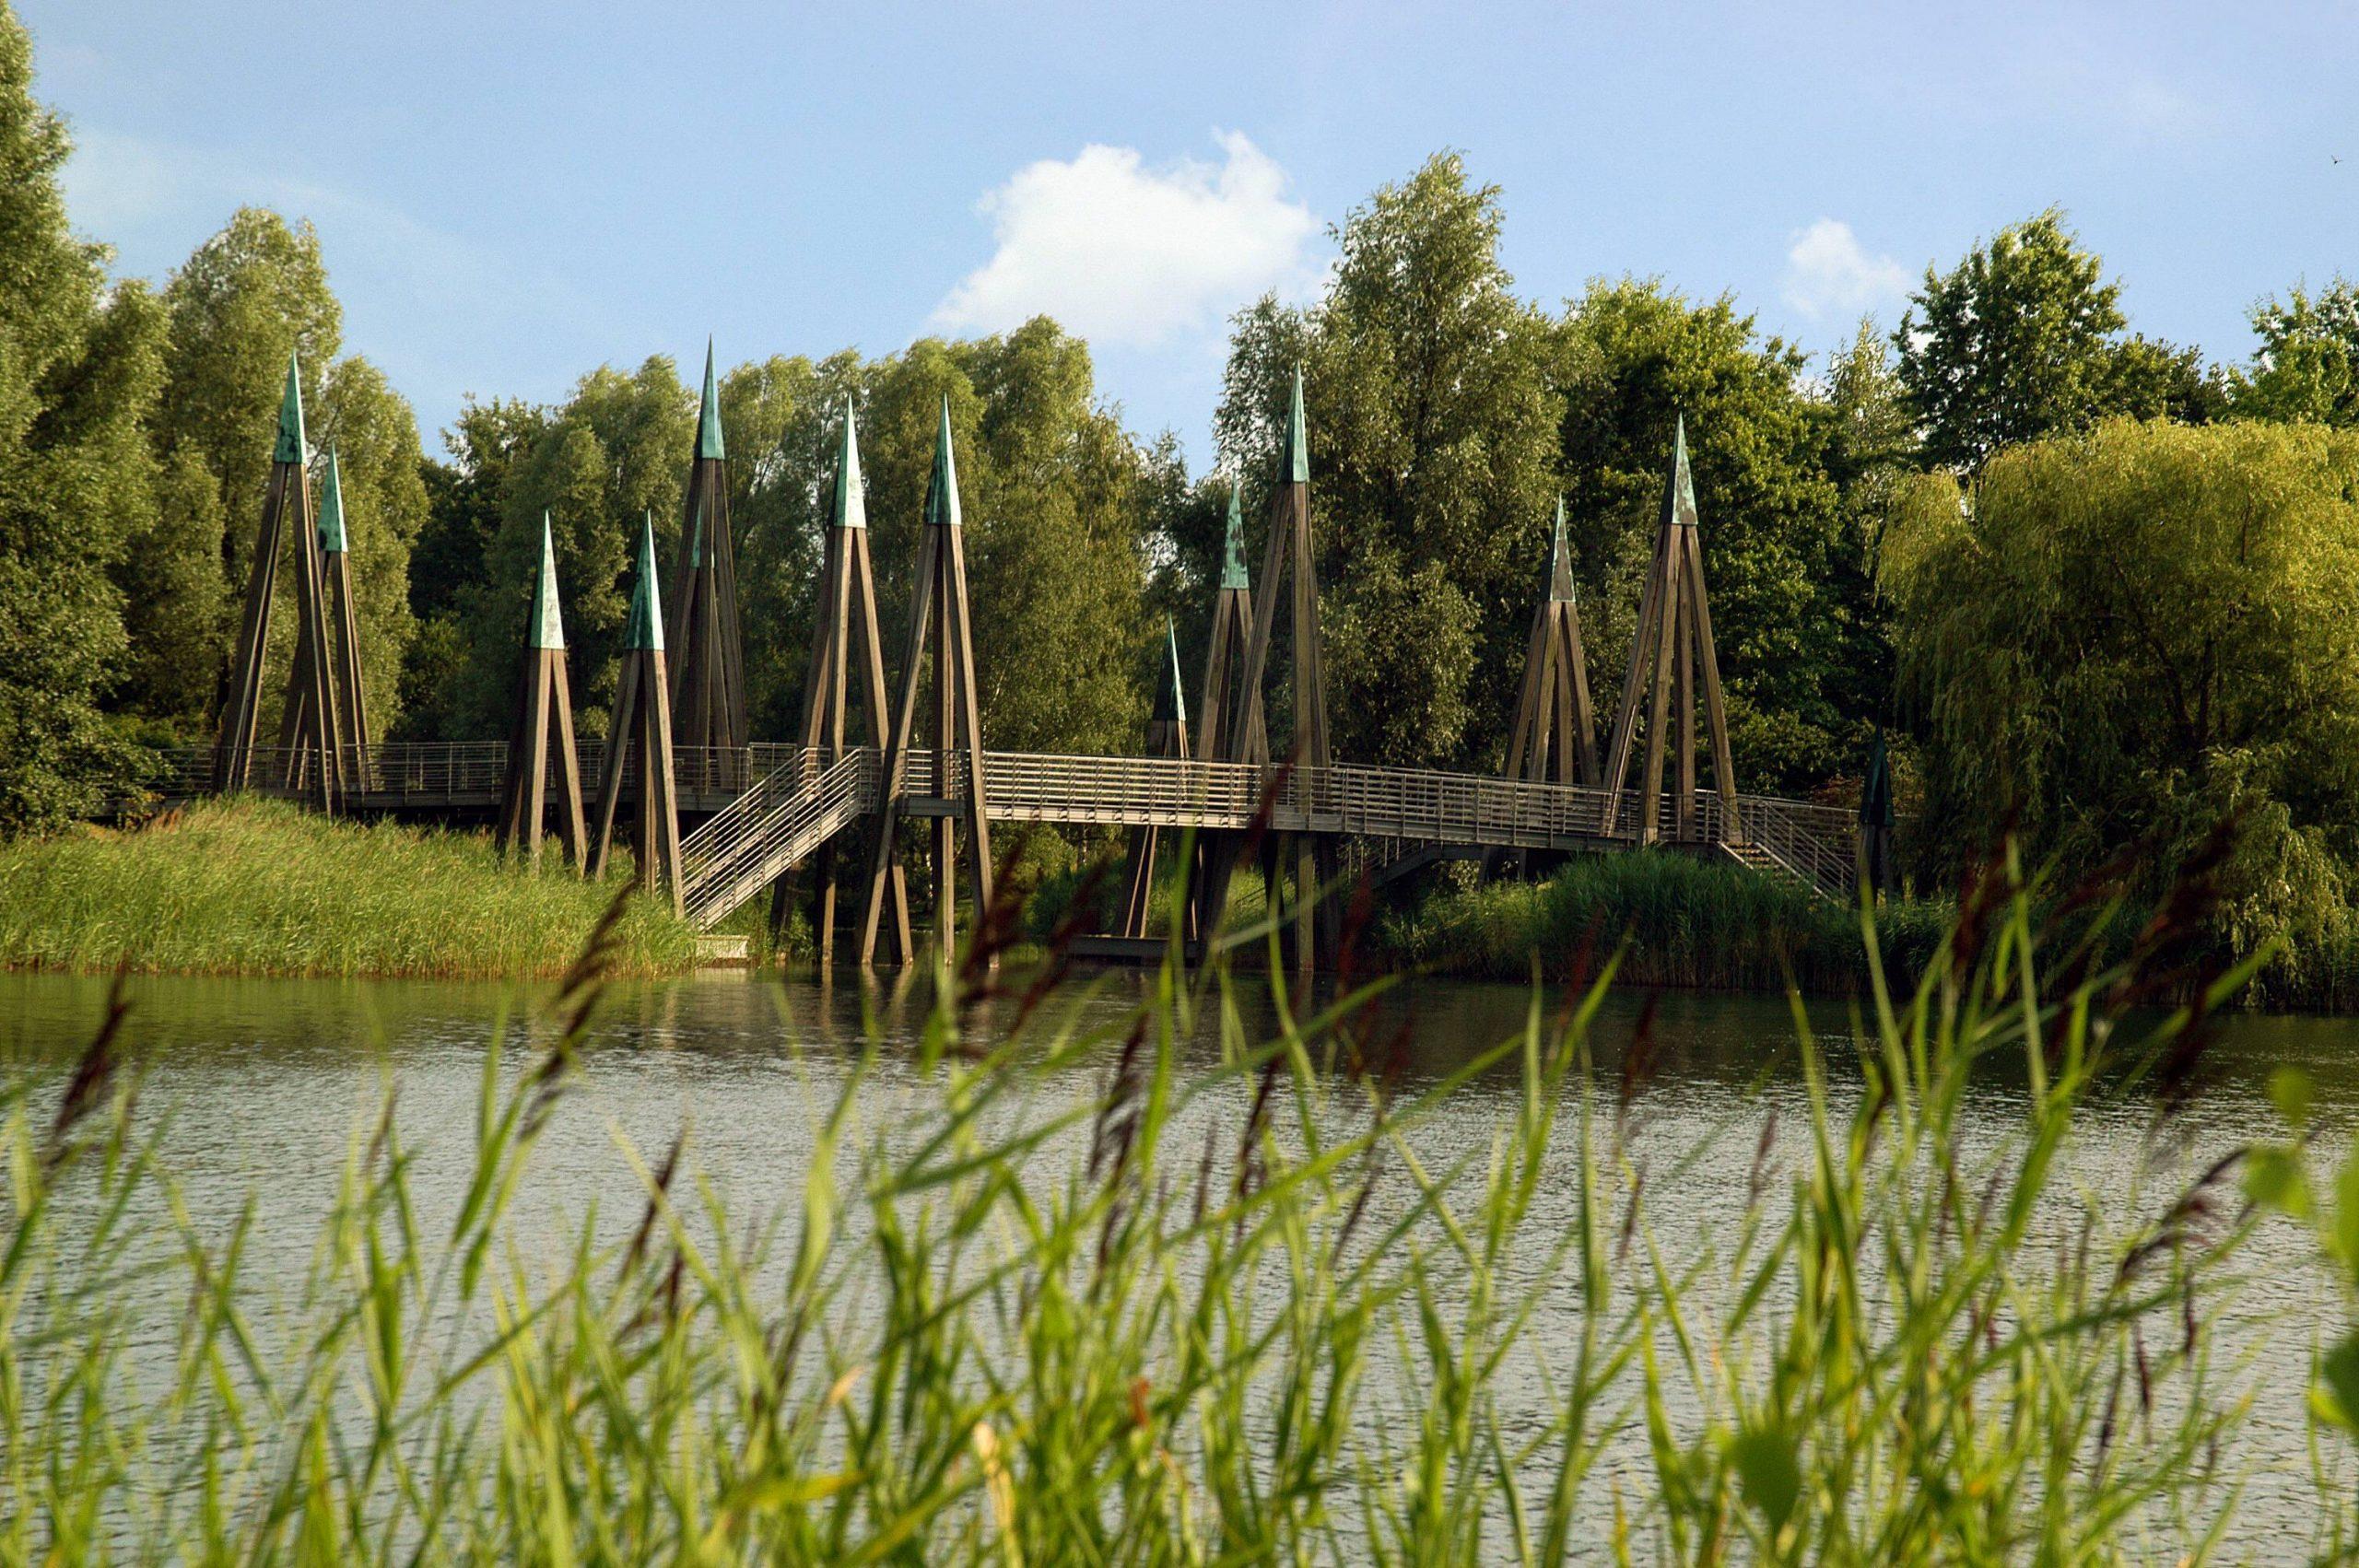 Die sogenannte Rhizomatische Brücke im Britzer Garten begeistert mit ihrem auffälligen Design. Foto: Imago/Boegel